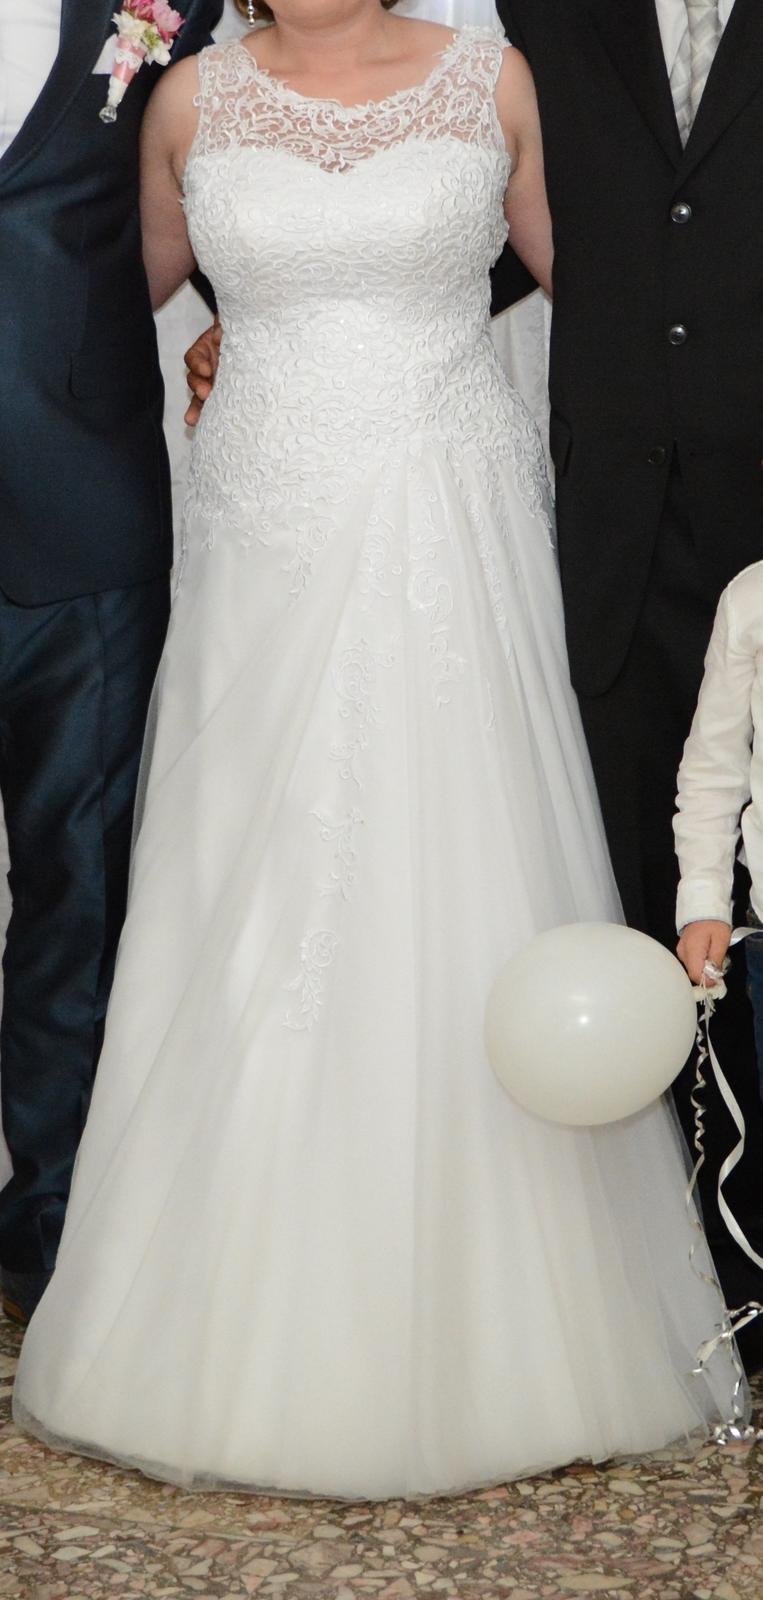 2525062bb27c Čipkované svadobné šaty 38